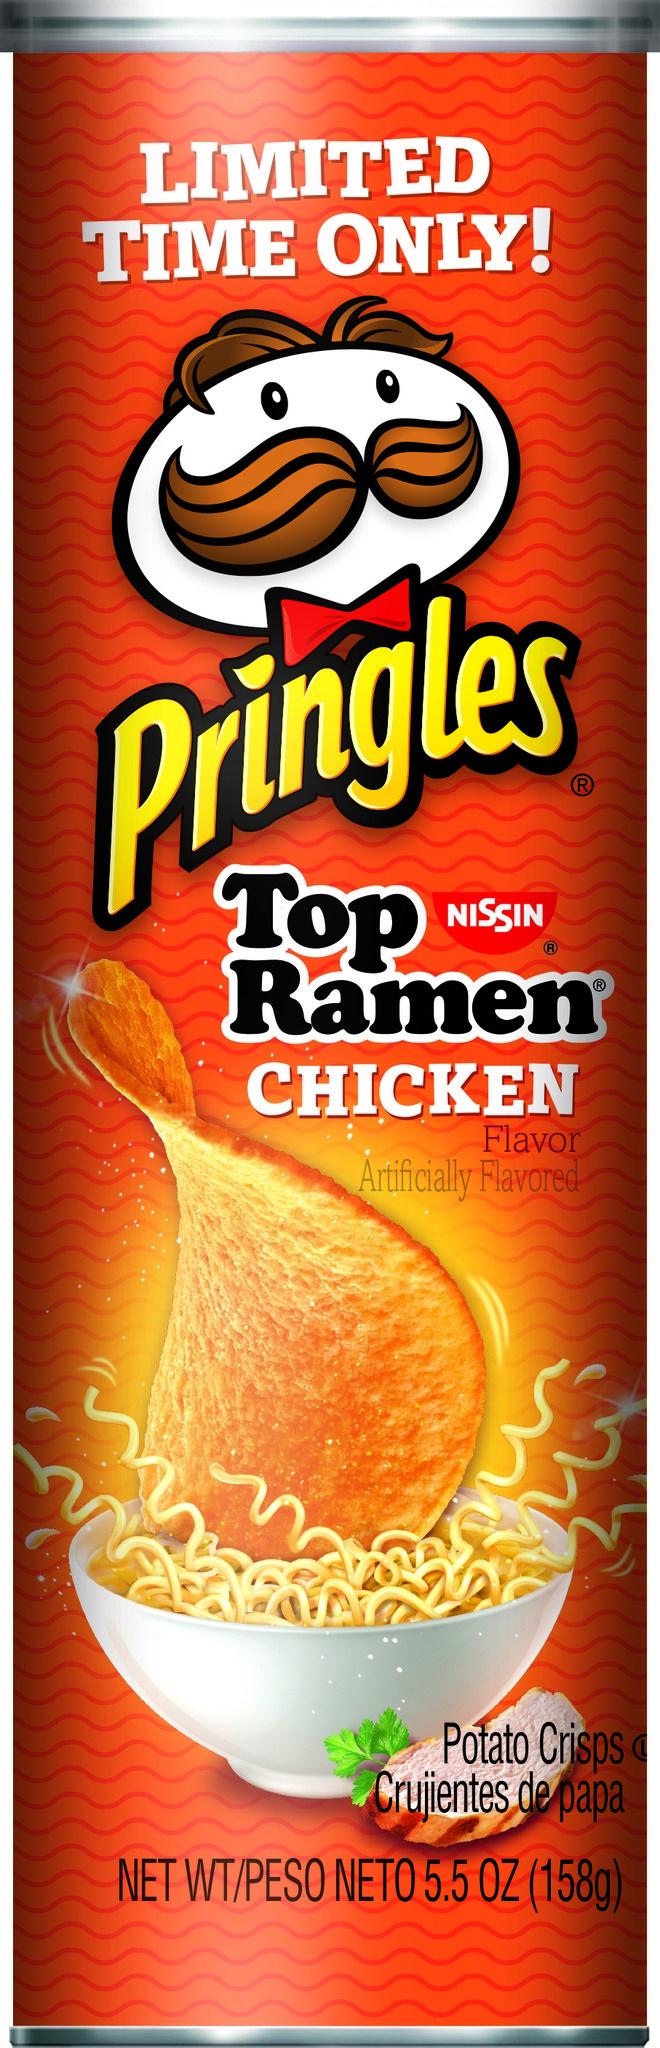 Source: Pringles